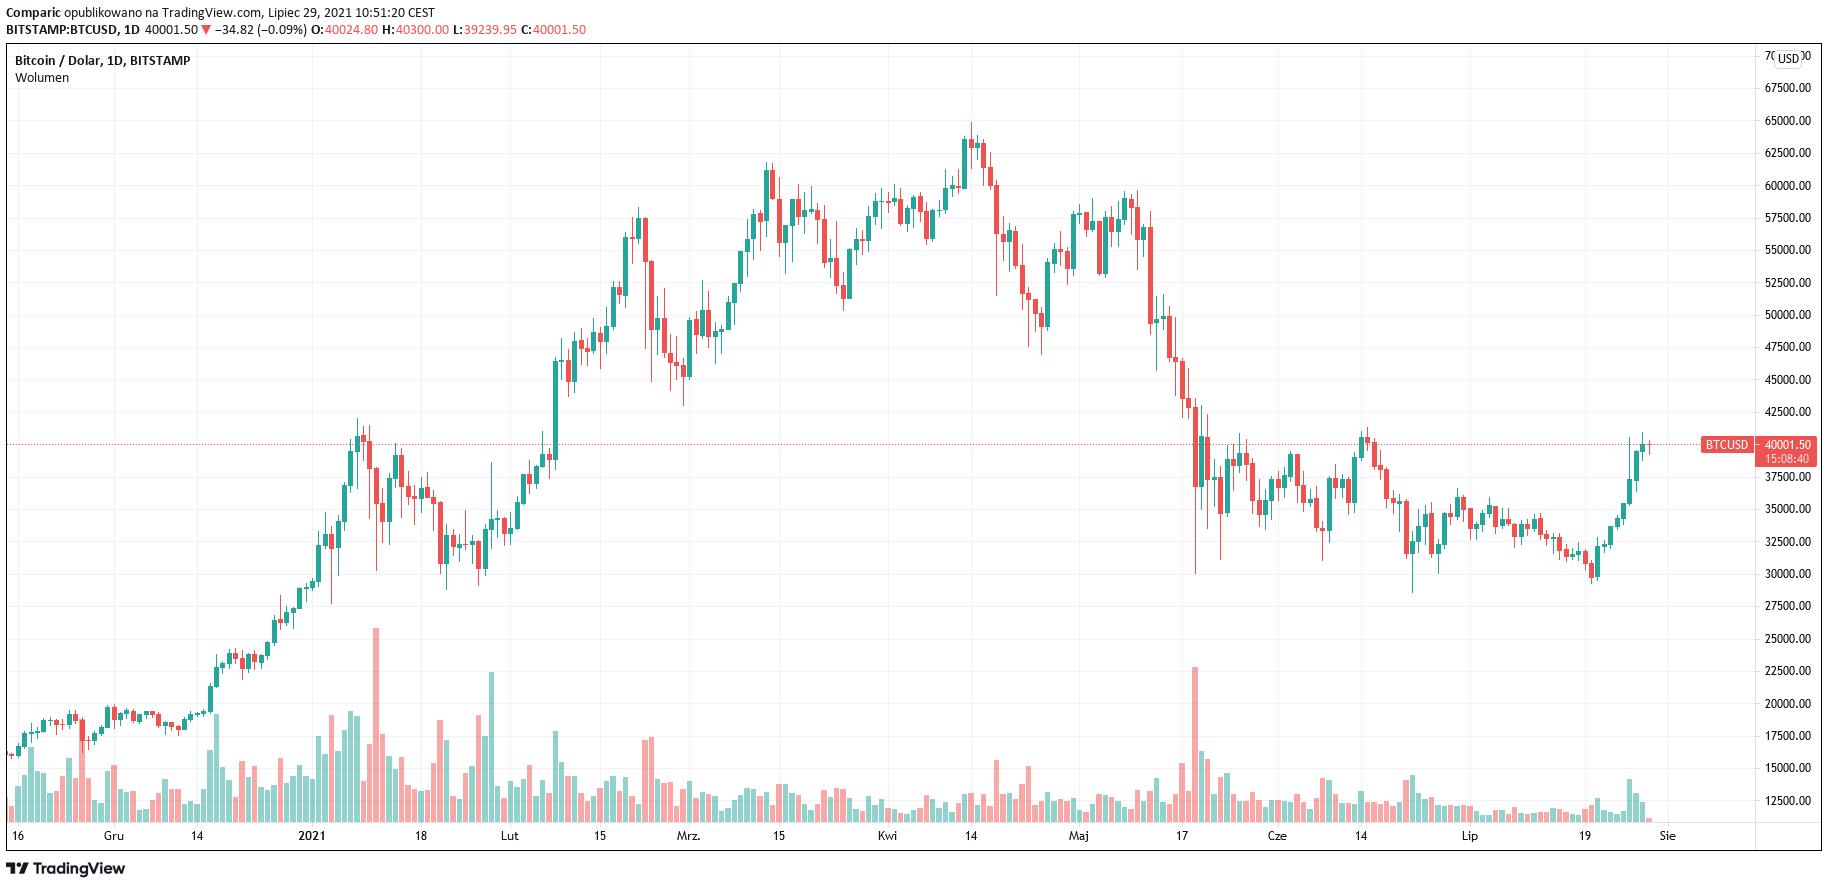 Elon Musk skomentował pogłoski o BTC (Bitcoin) posiadanych przez Tesla Inc.